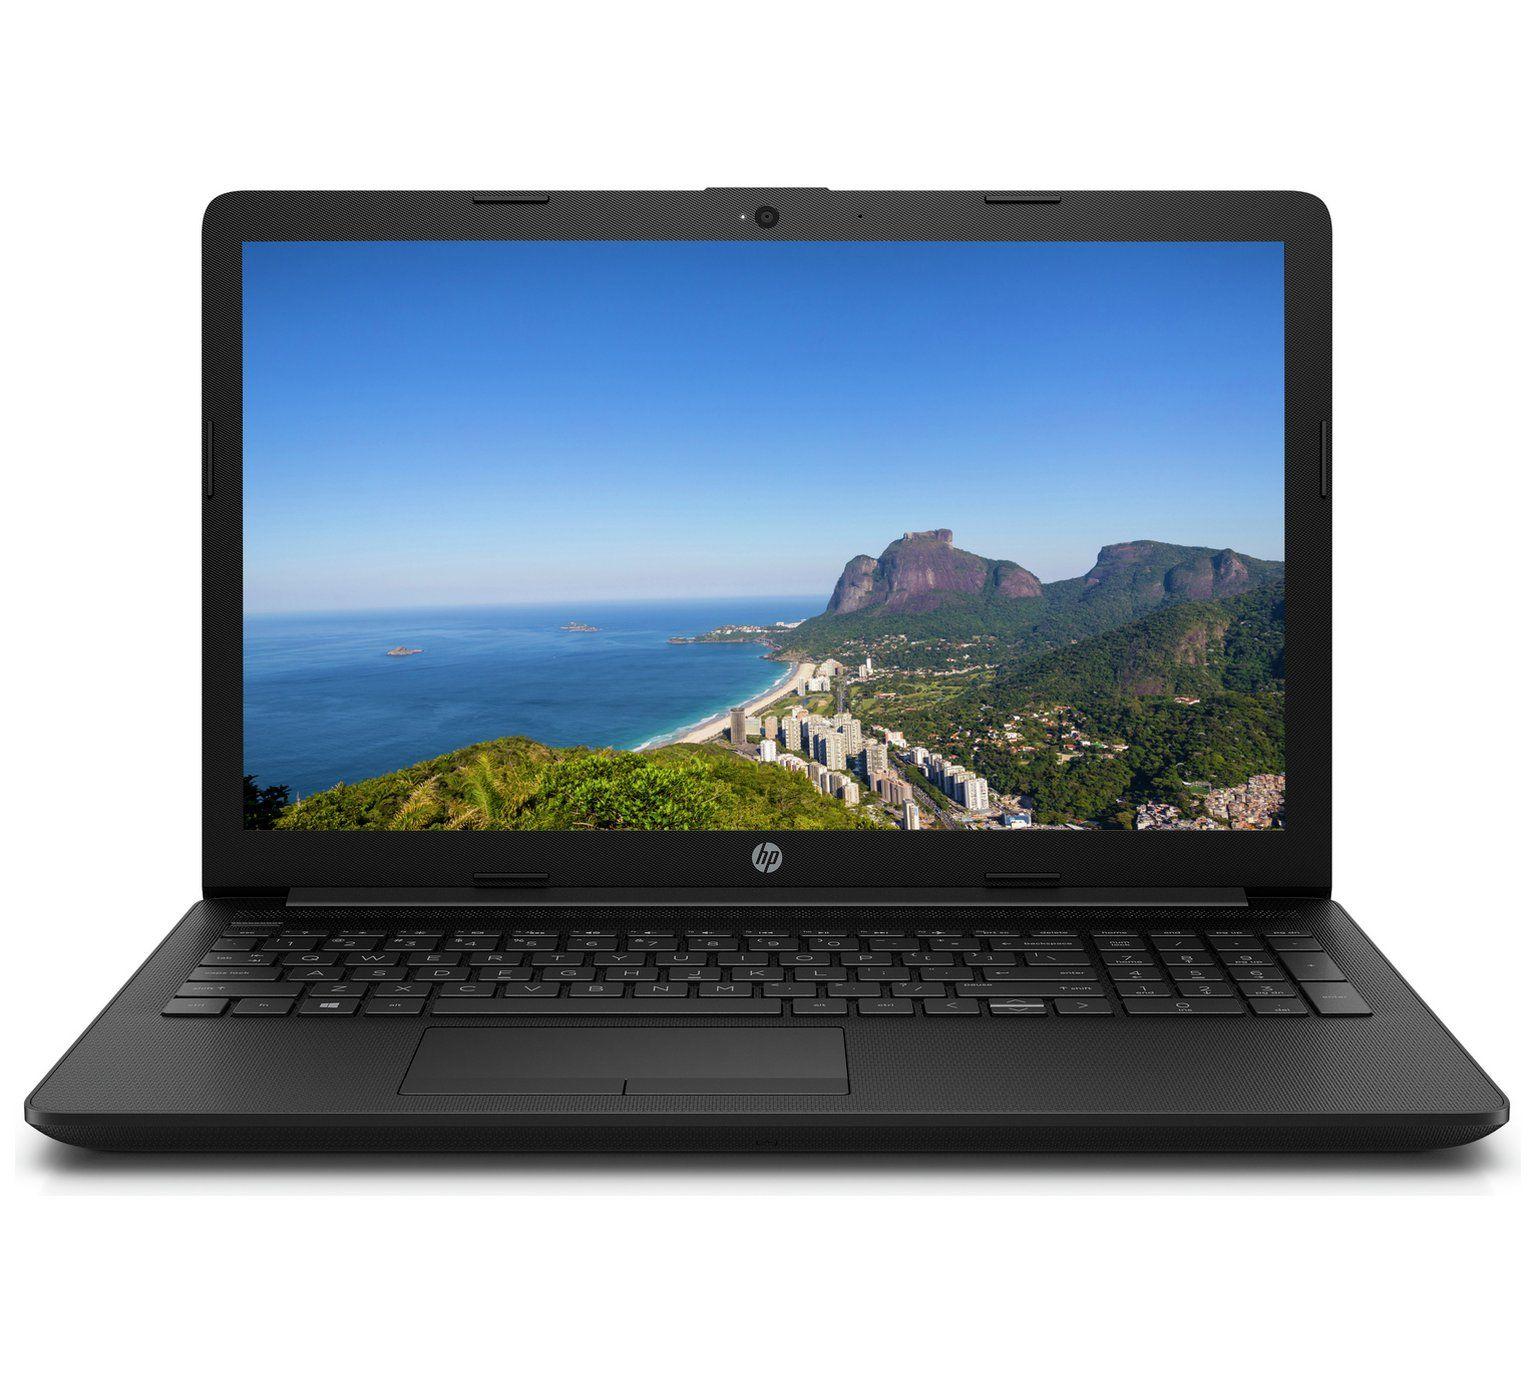 4b570b479058 Lenovo IdeaPad 330 81DE023MRM Notebook Árak - Lenovo IdeaPad 330 81DE023MRM  Laptop Akció | Tech. in 2019 | Laptop, Notebook, Screen size